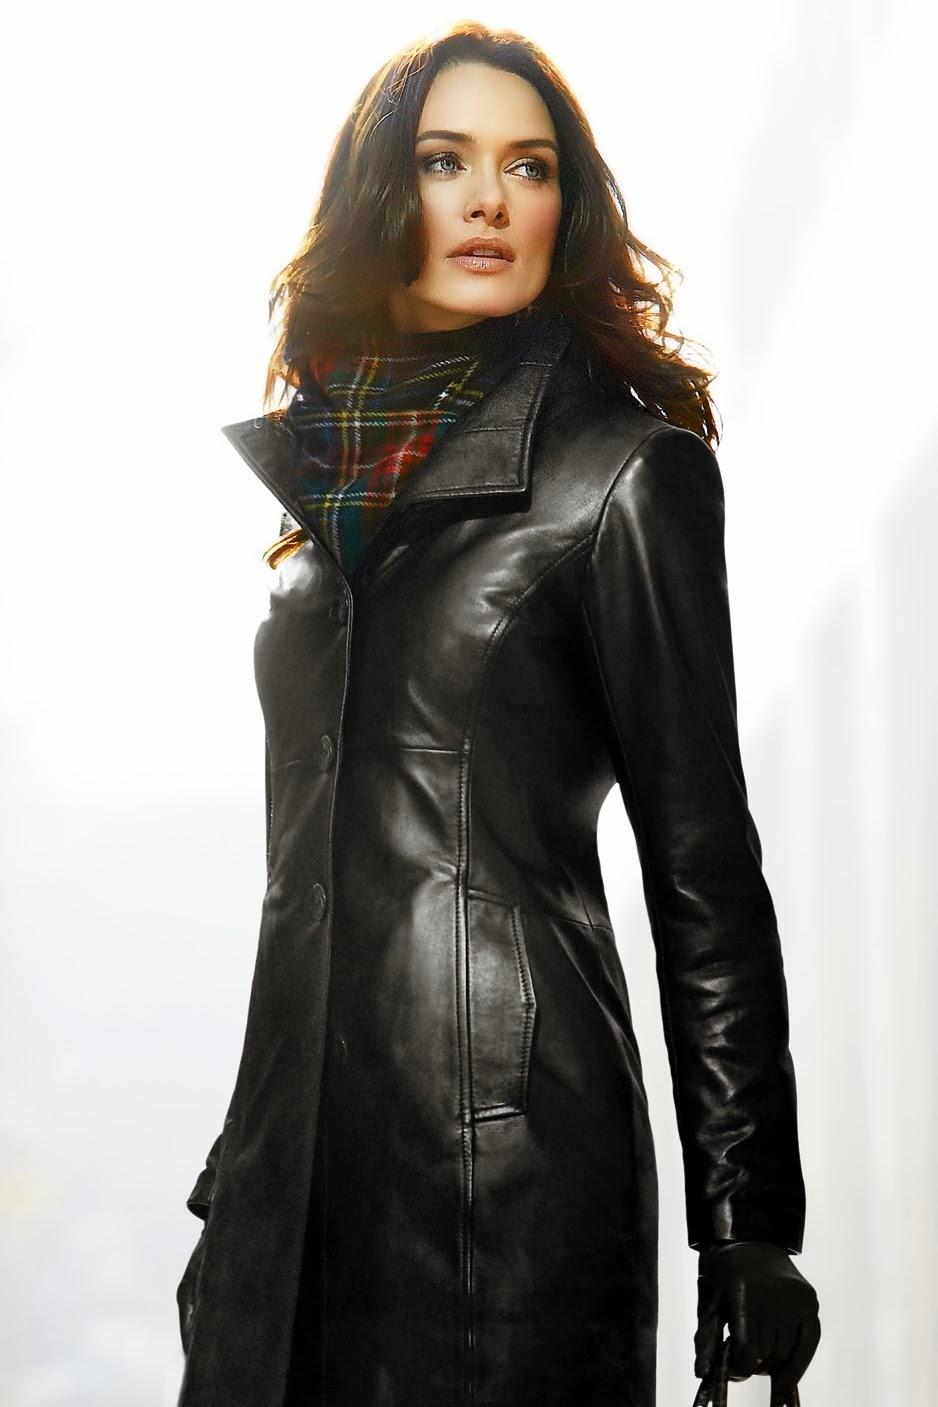 женщины в кожаных пальто фото начале